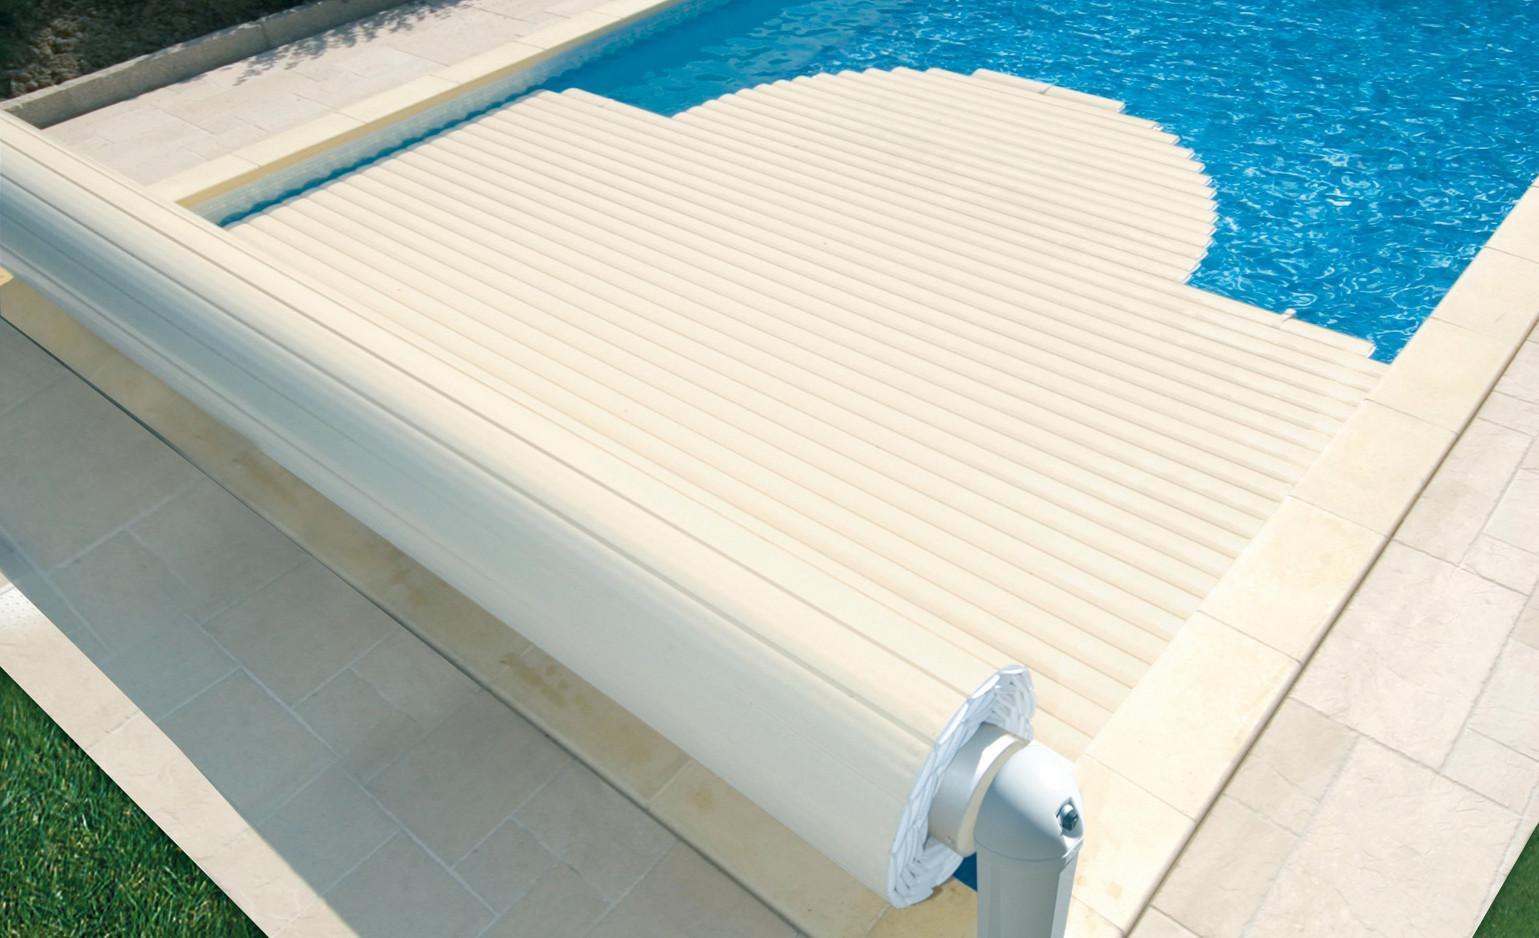 Couverture de piscine hors-sol par Coverline